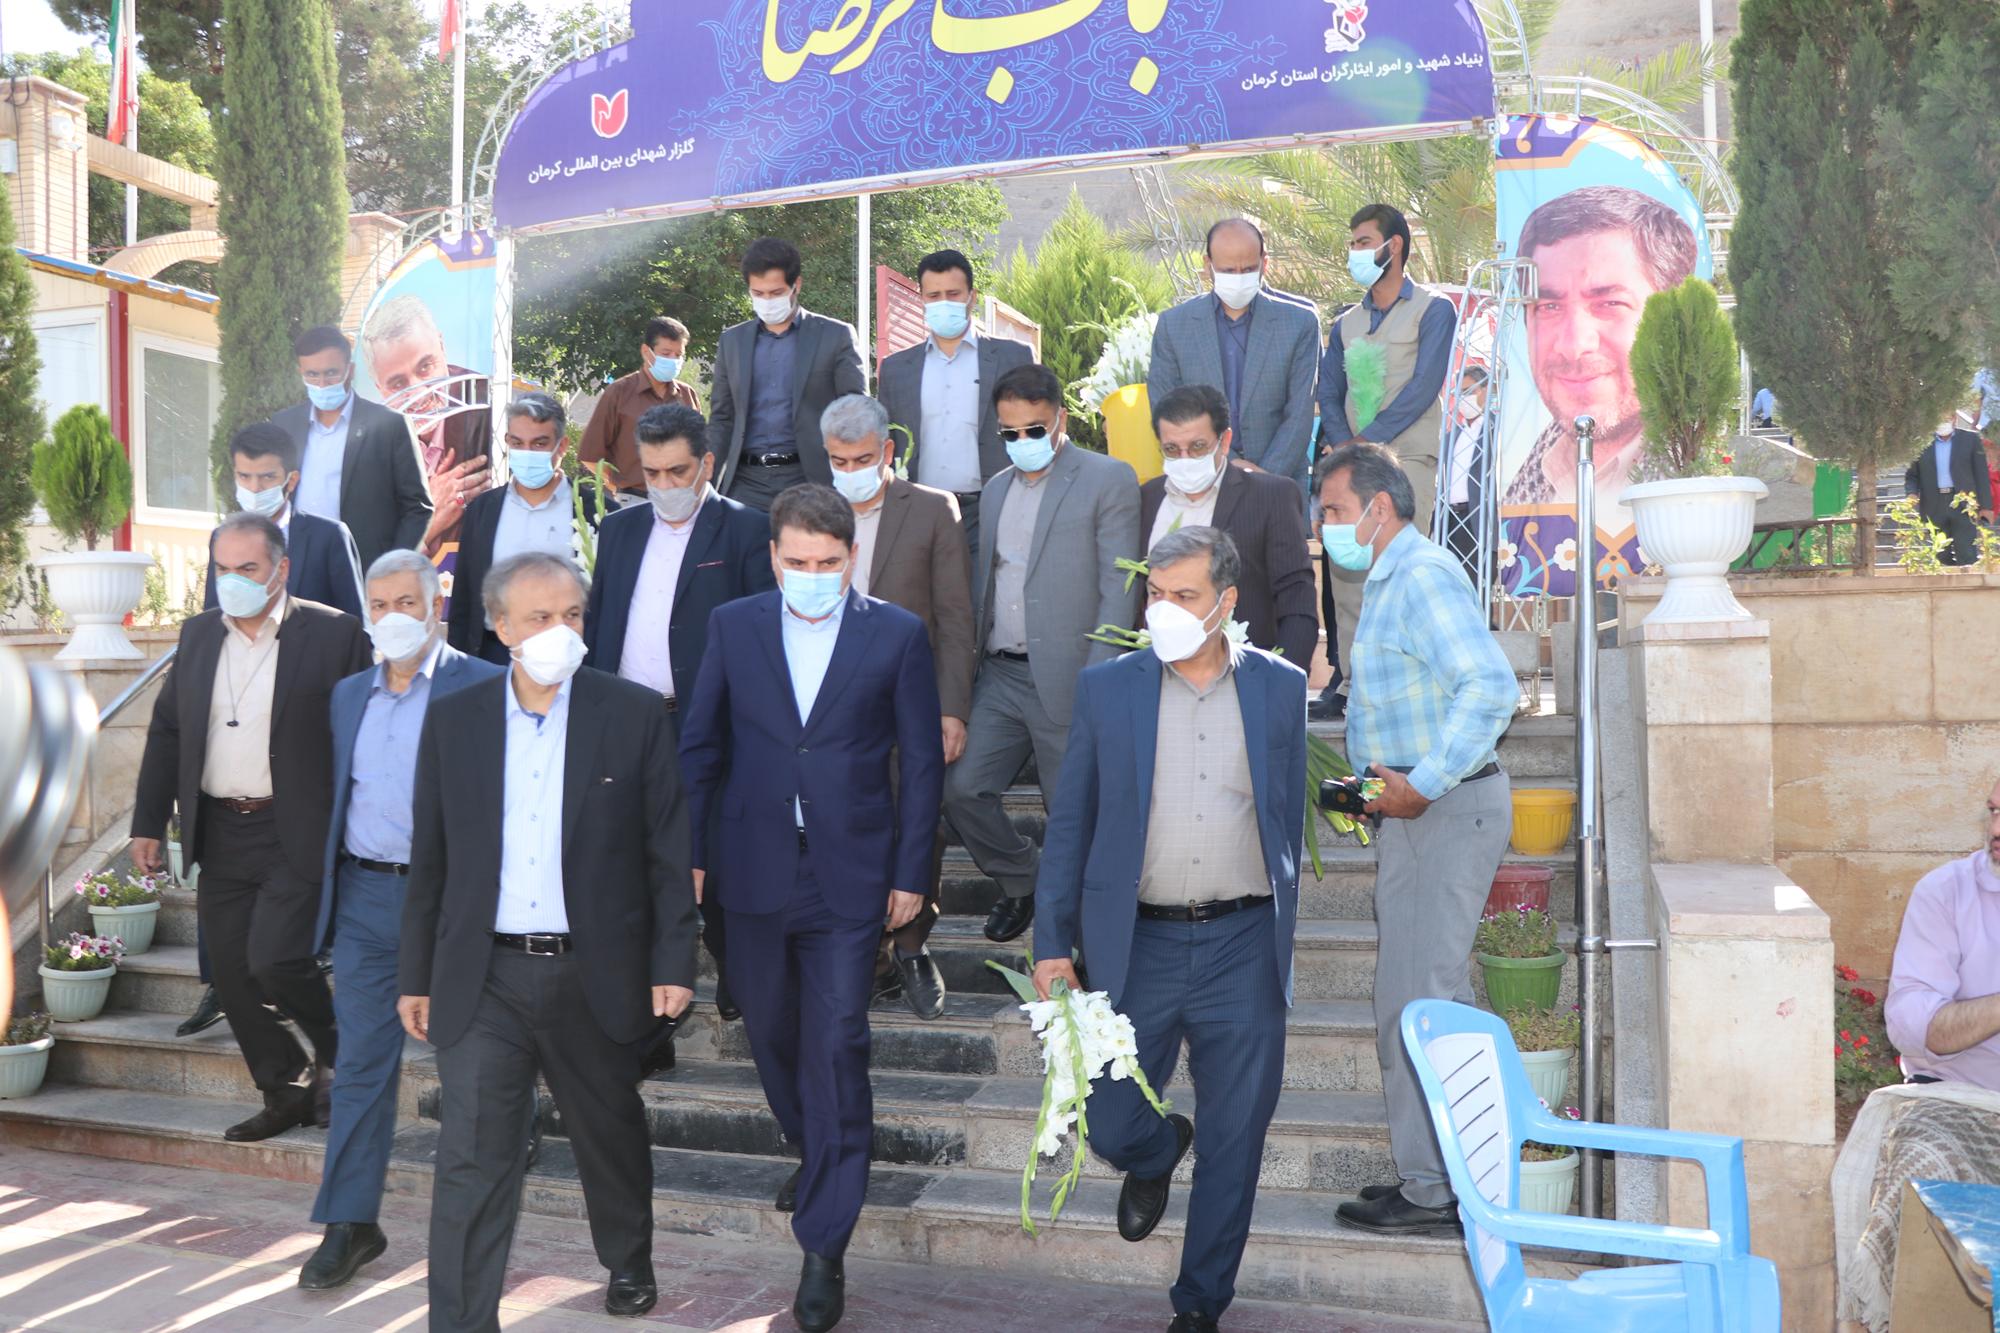 سفرمهندس رزم حسینی وزیر صمت به استان کرمان در تاریخ 1400/03/21